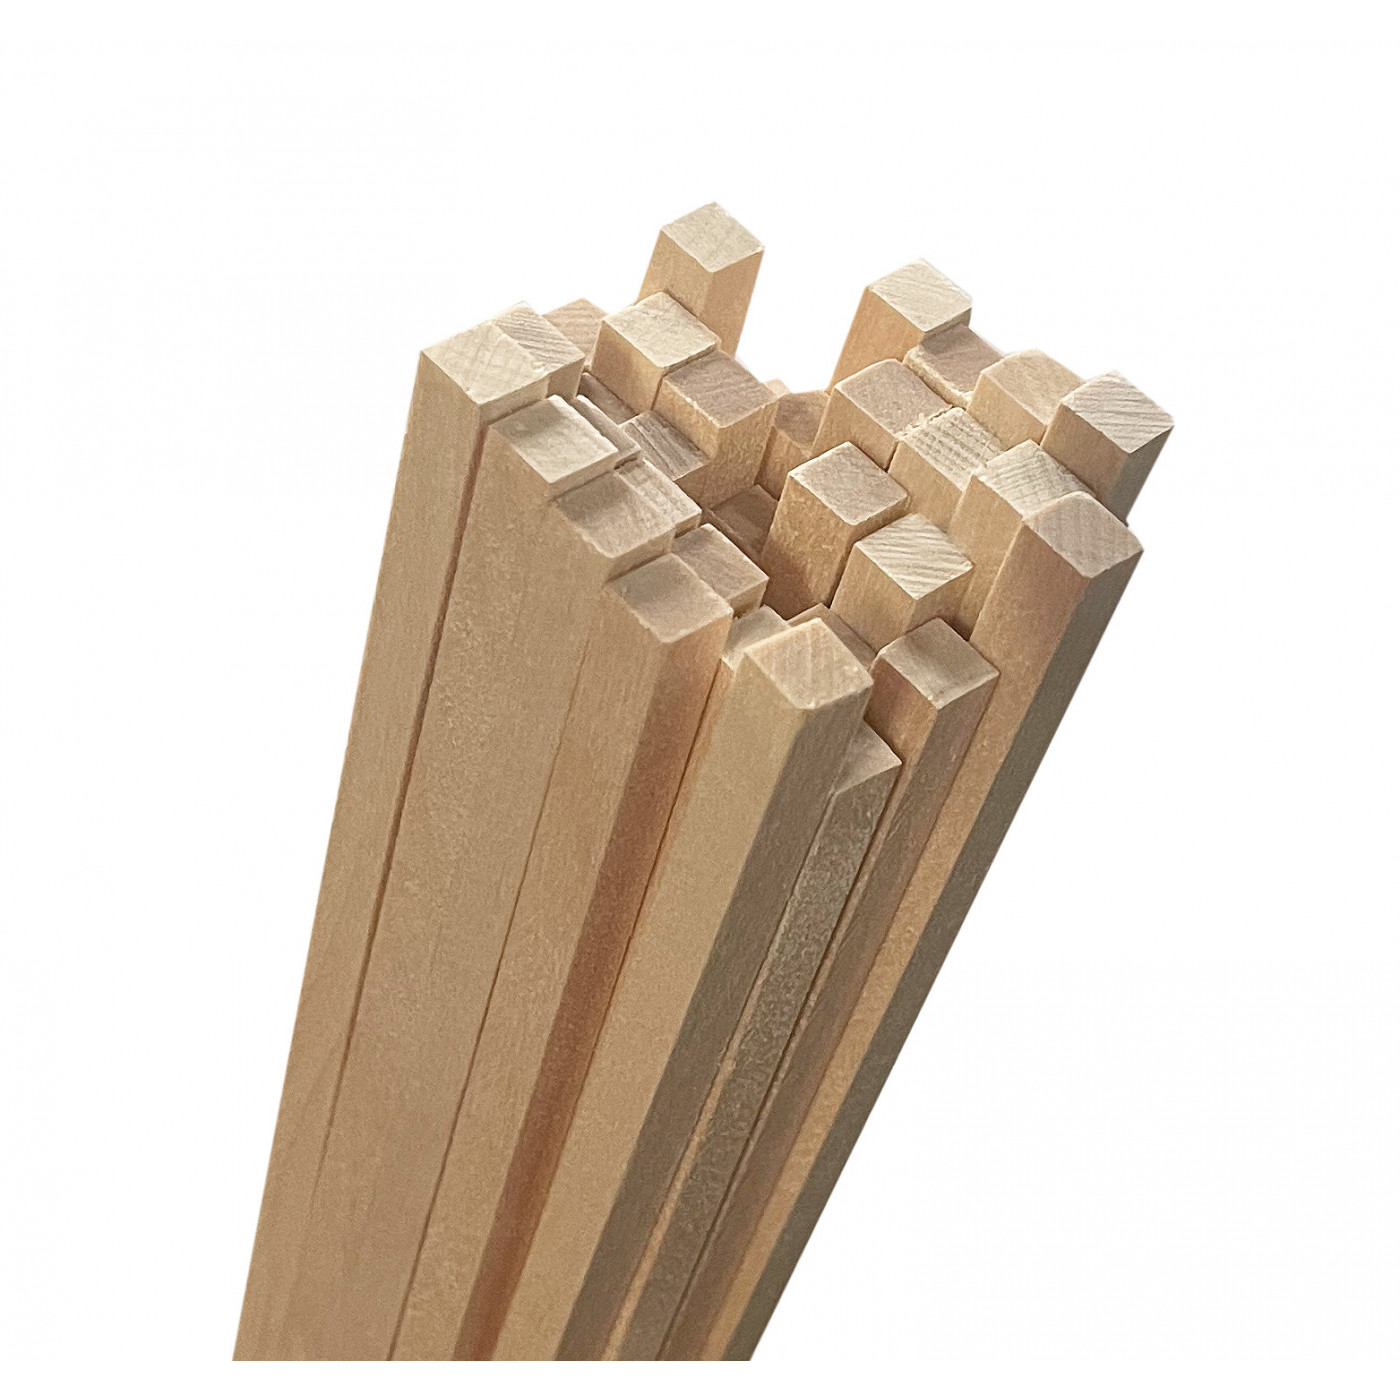 Set van 50 houten stokken (vierkant, 8x8 mm, 70  cm lang, berkenhout)  - 1